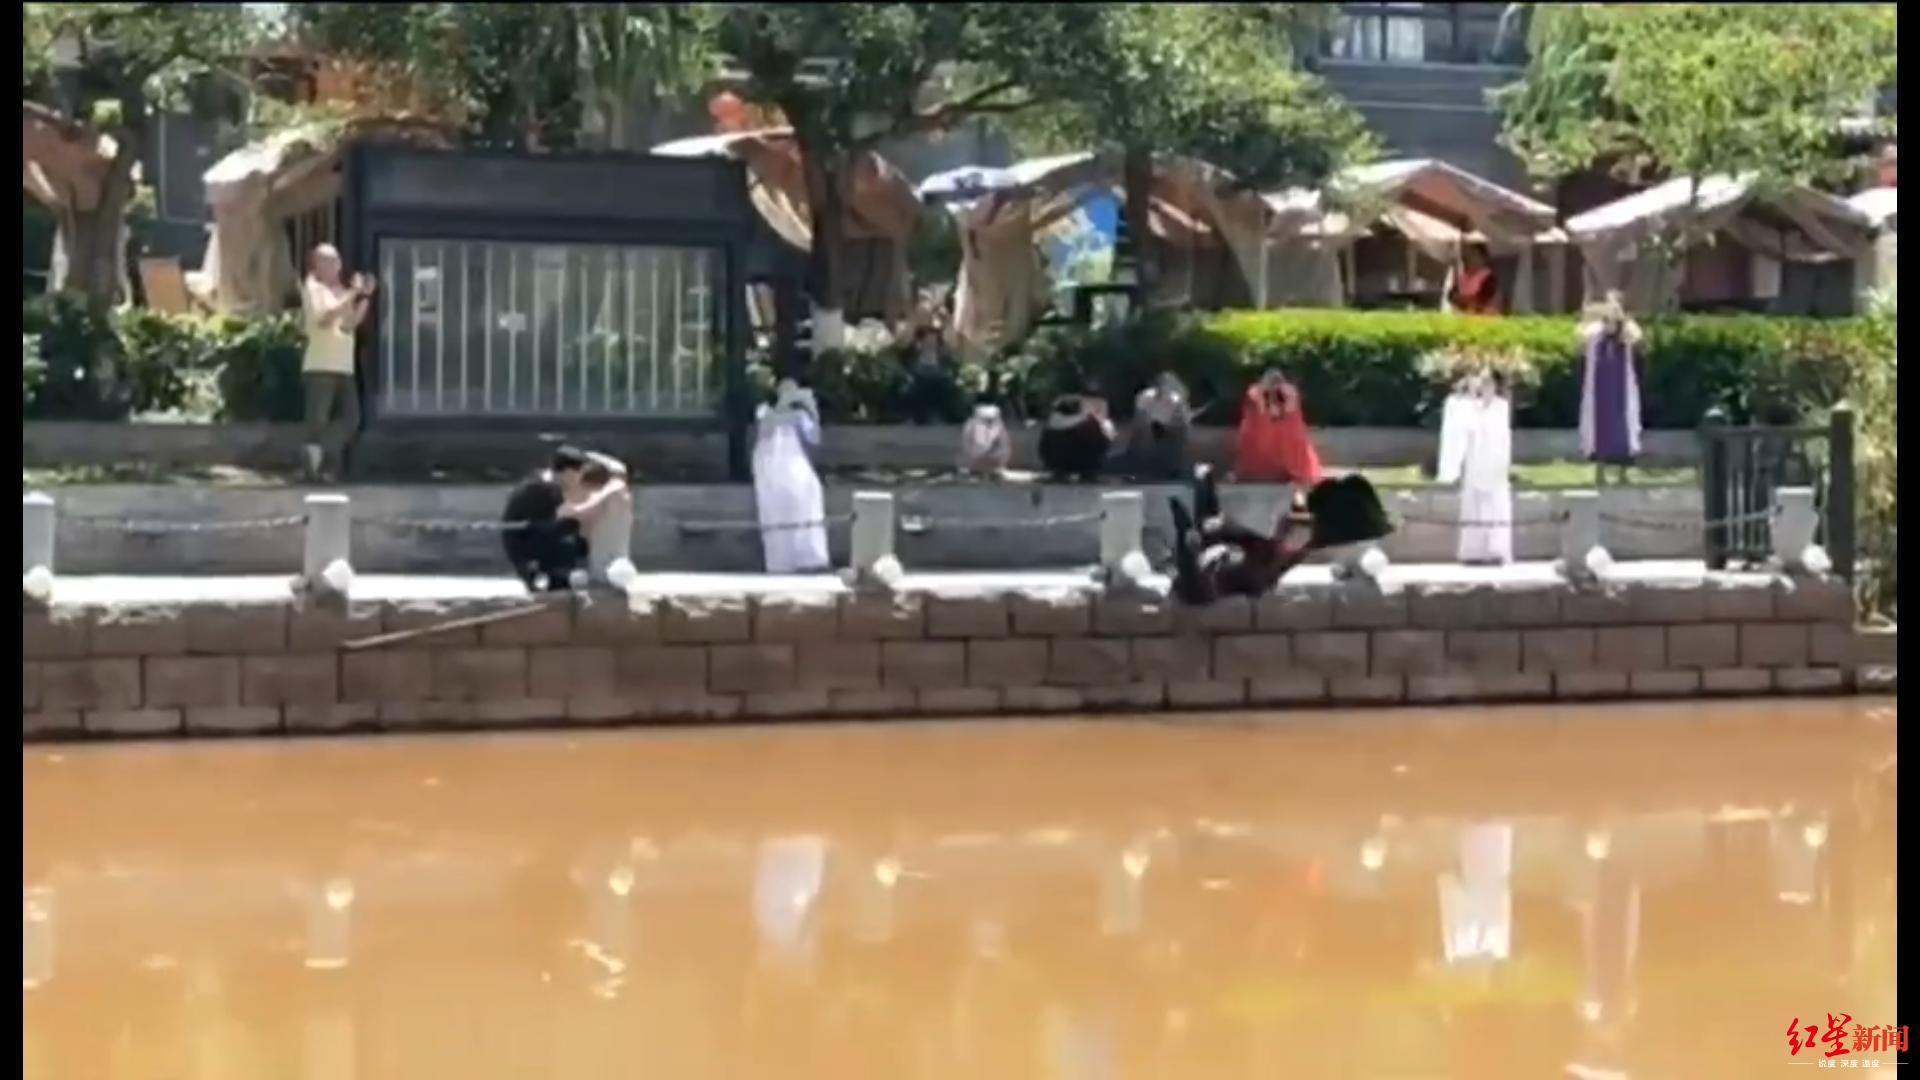 西昌男子回应模仿屈原投江:已跳了三年,_明年还会跳!